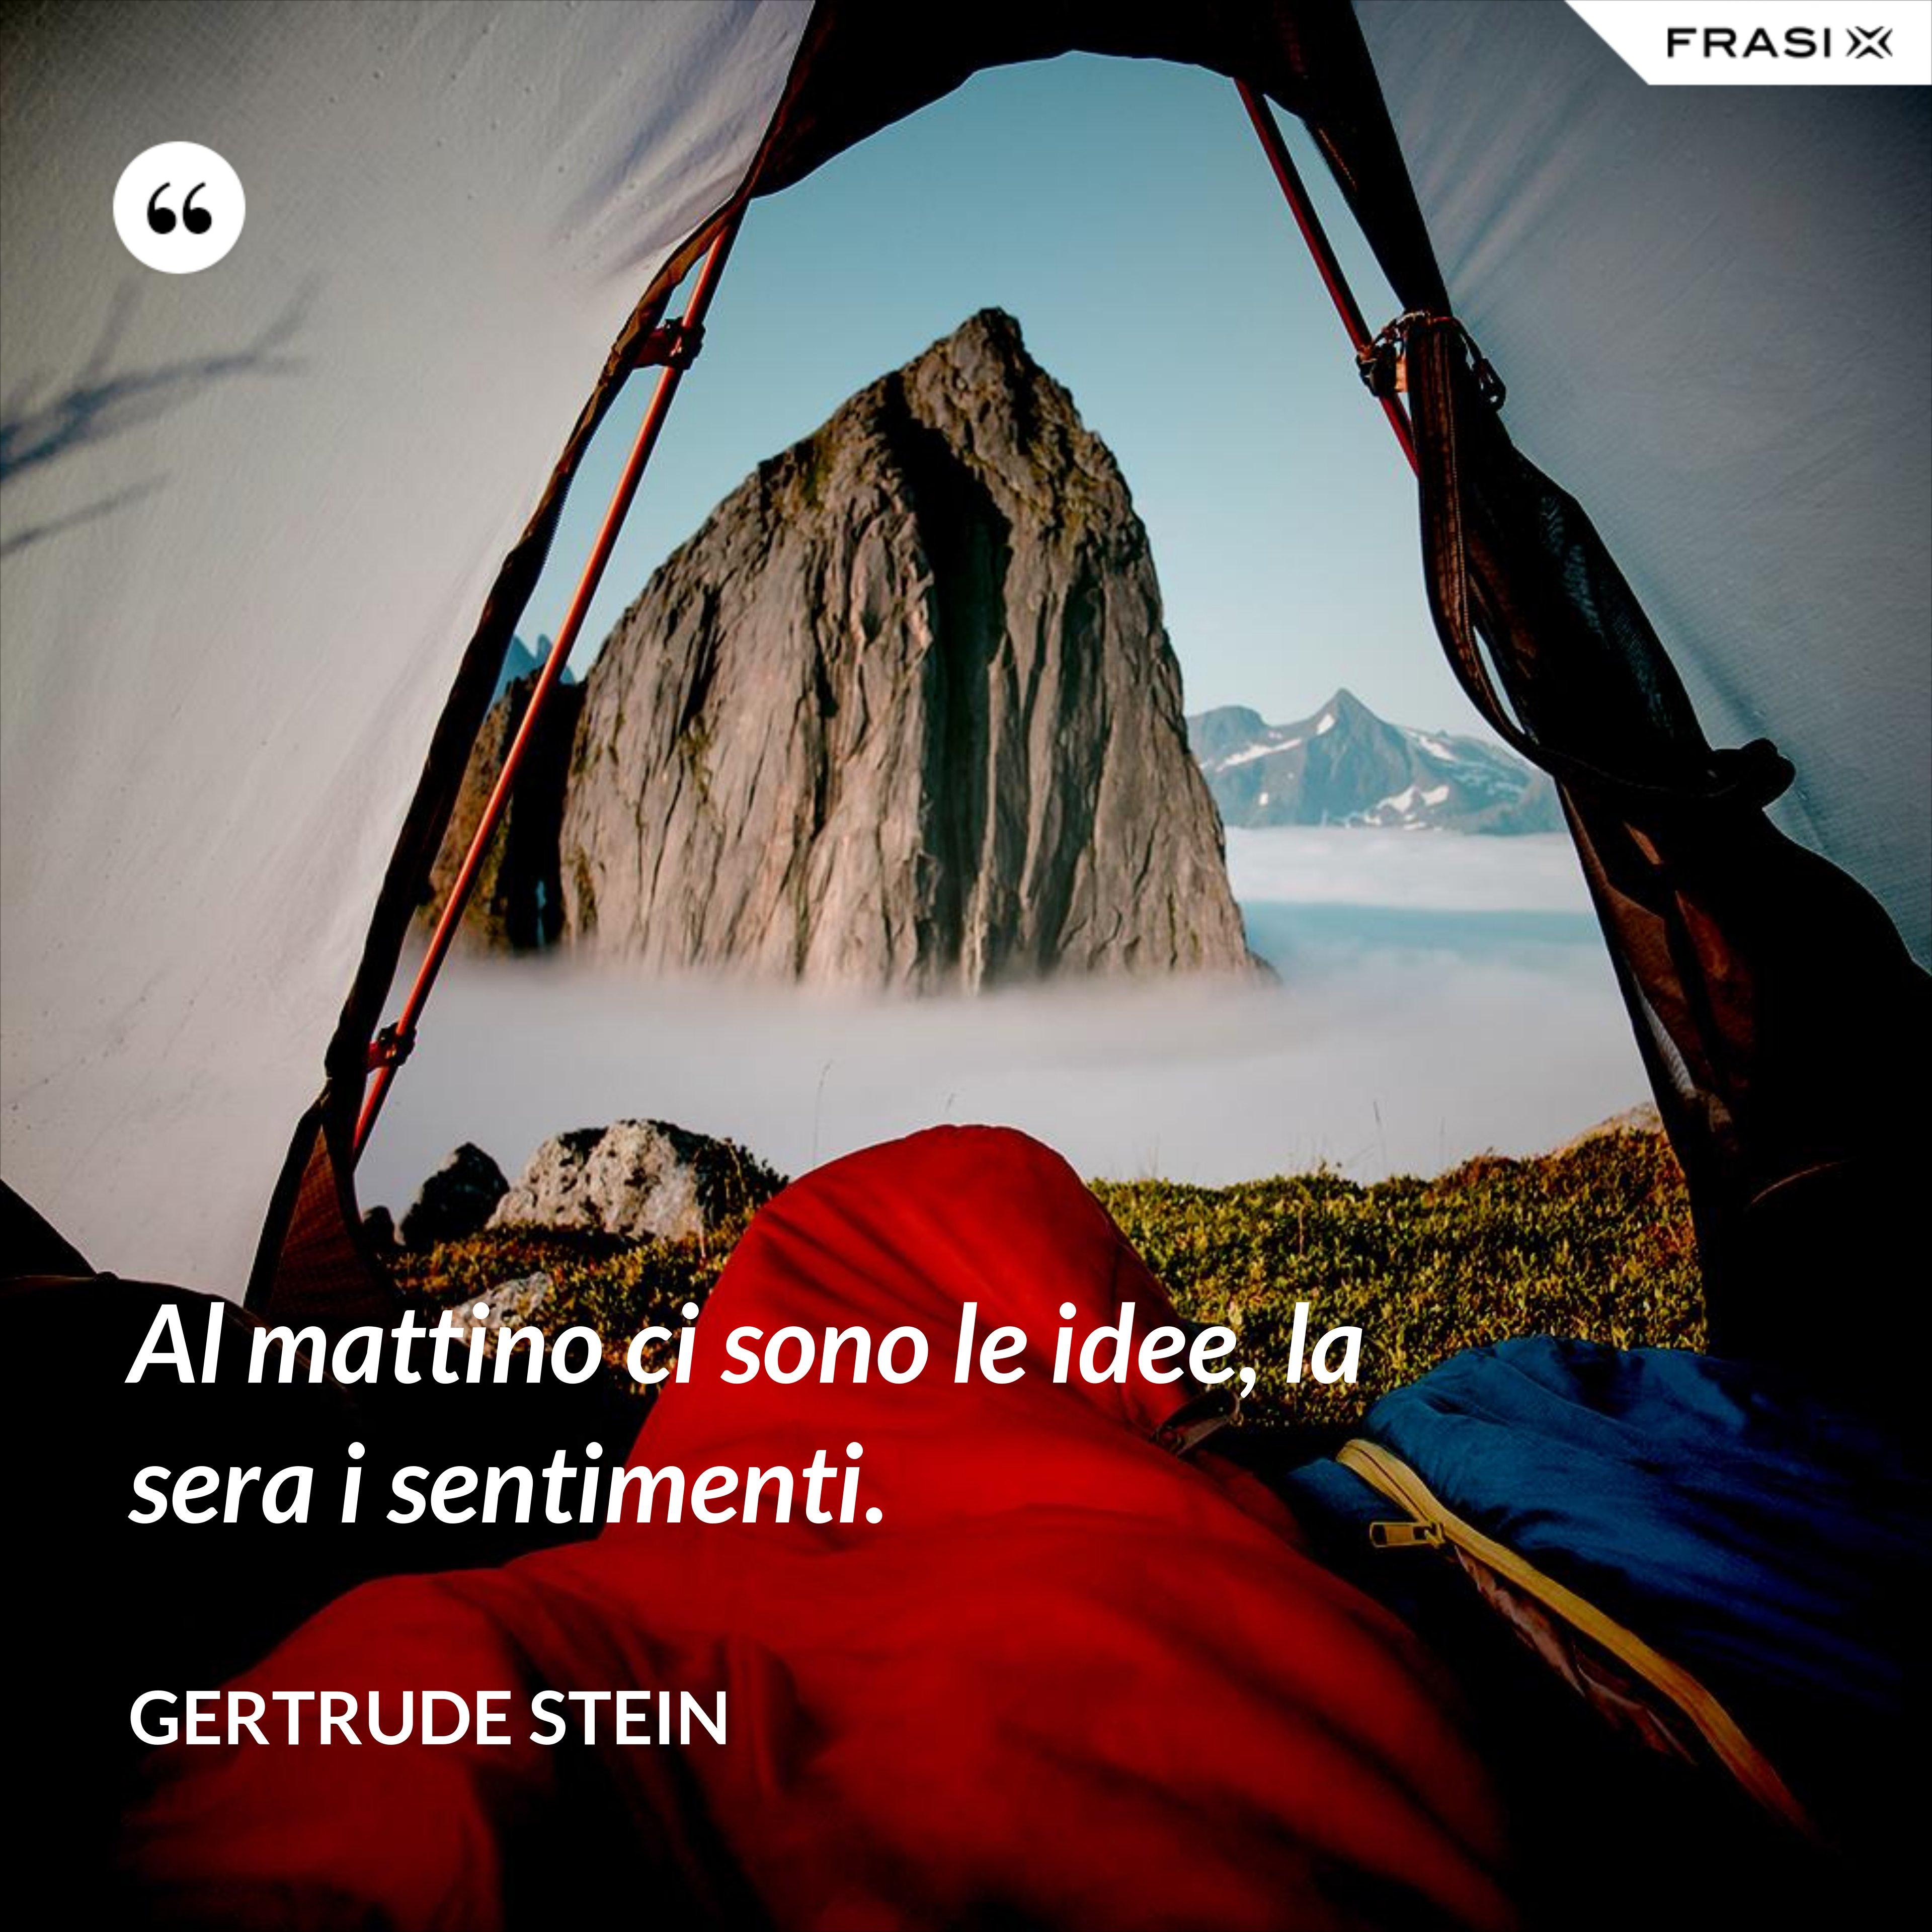 Al mattino ci sono le idee, la sera i sentimenti. - Gertrude Stein